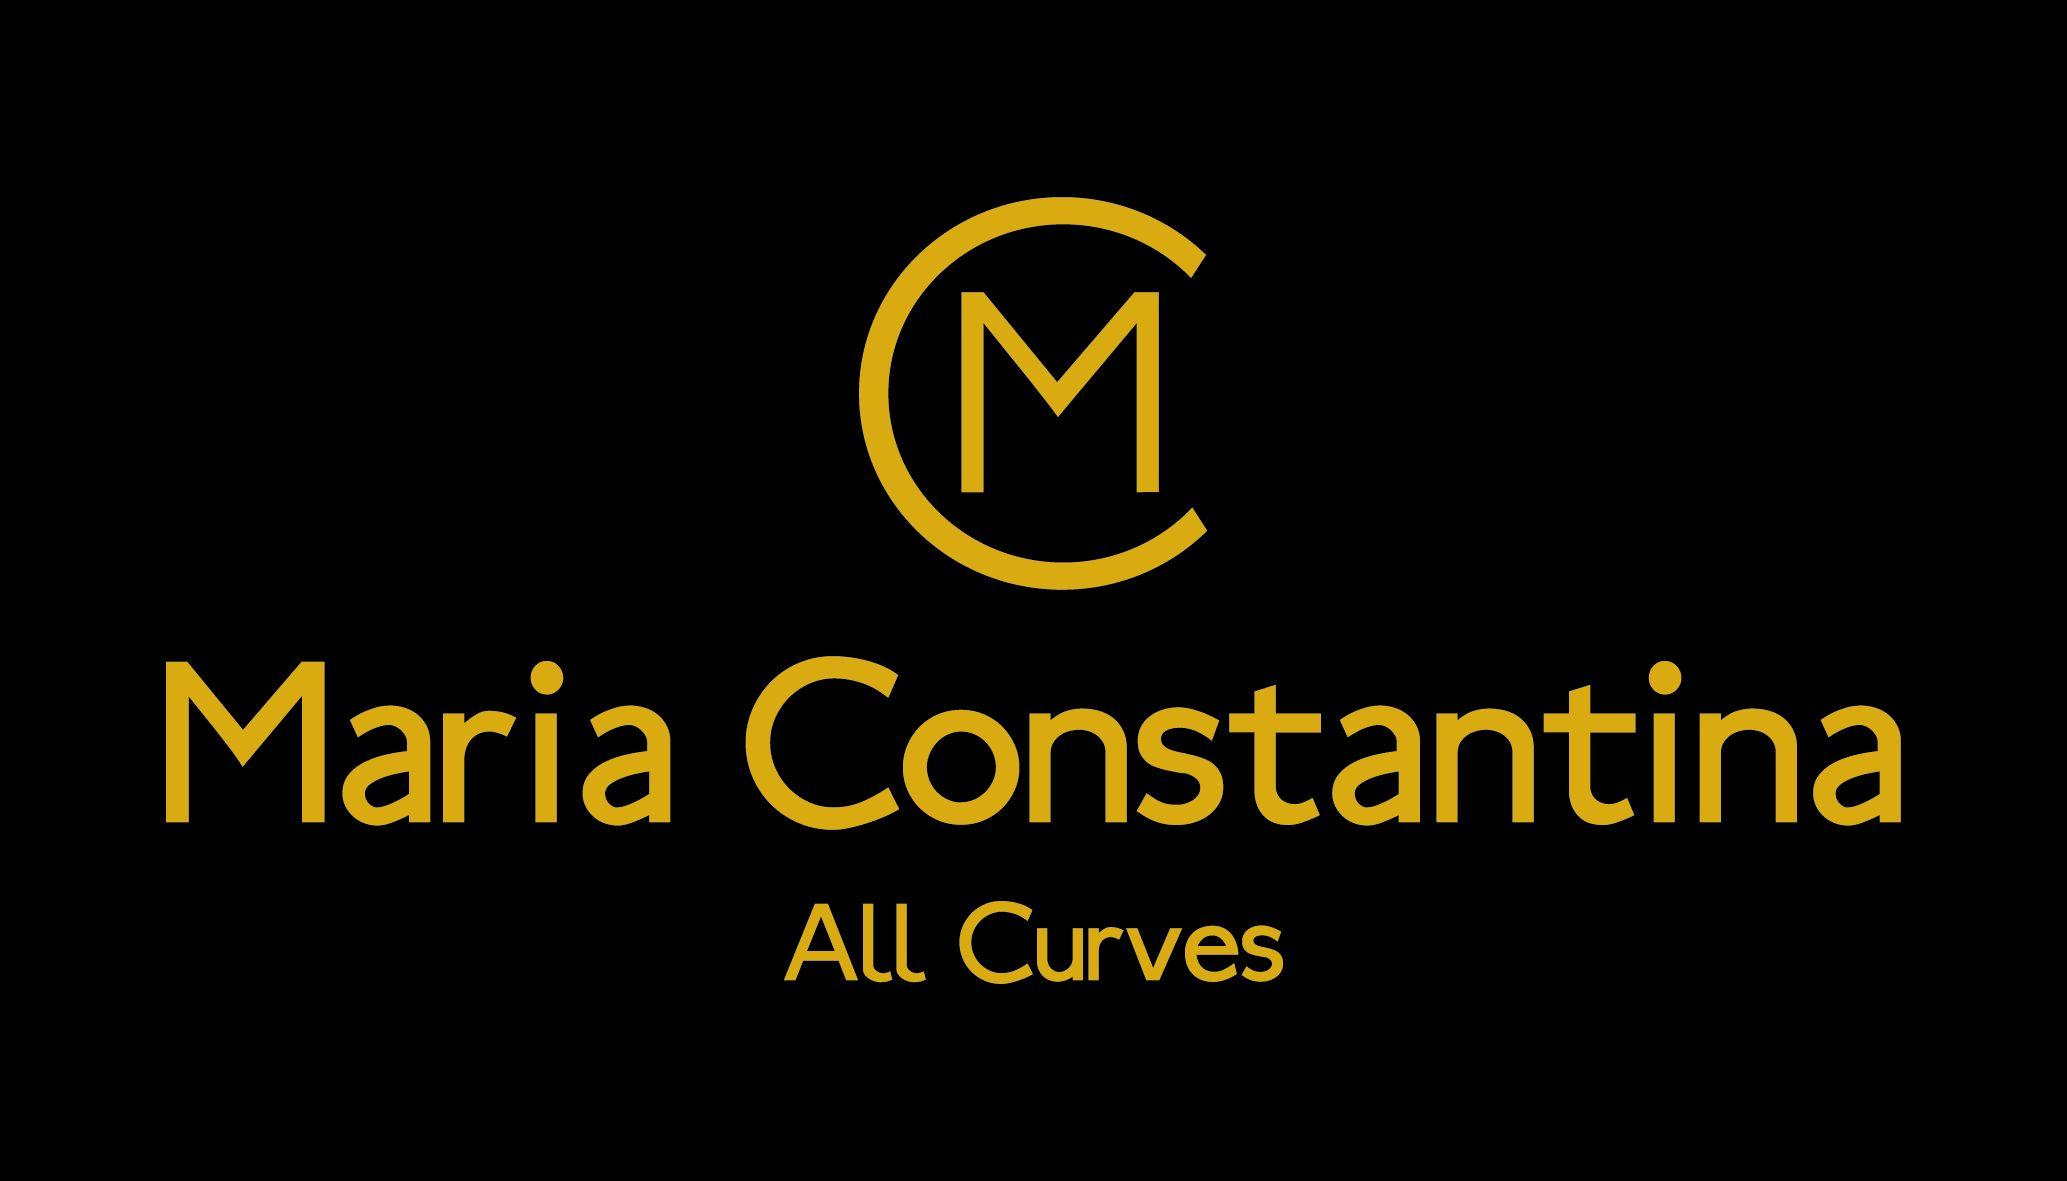 Maria Constantina All Curves